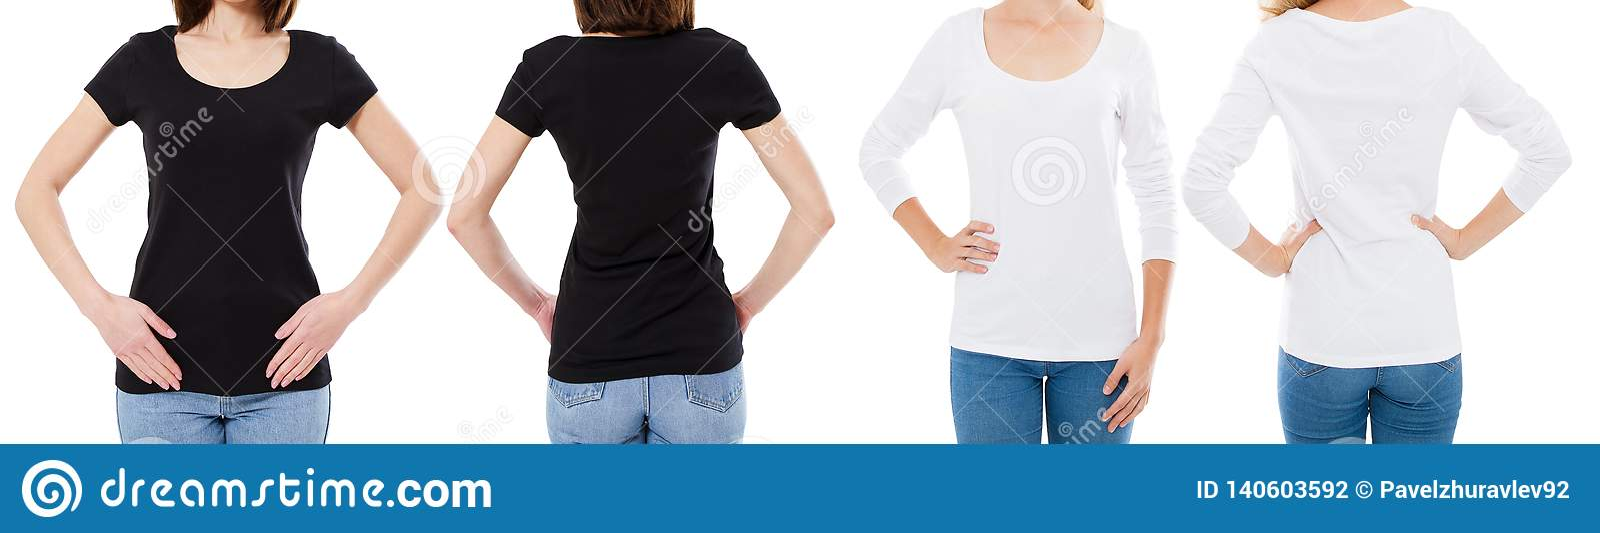 La femme dans le T-shirt blanc et noir a isolé les options de T-shirt de blanc d image de Front And Rear Views Cropped, fille dan